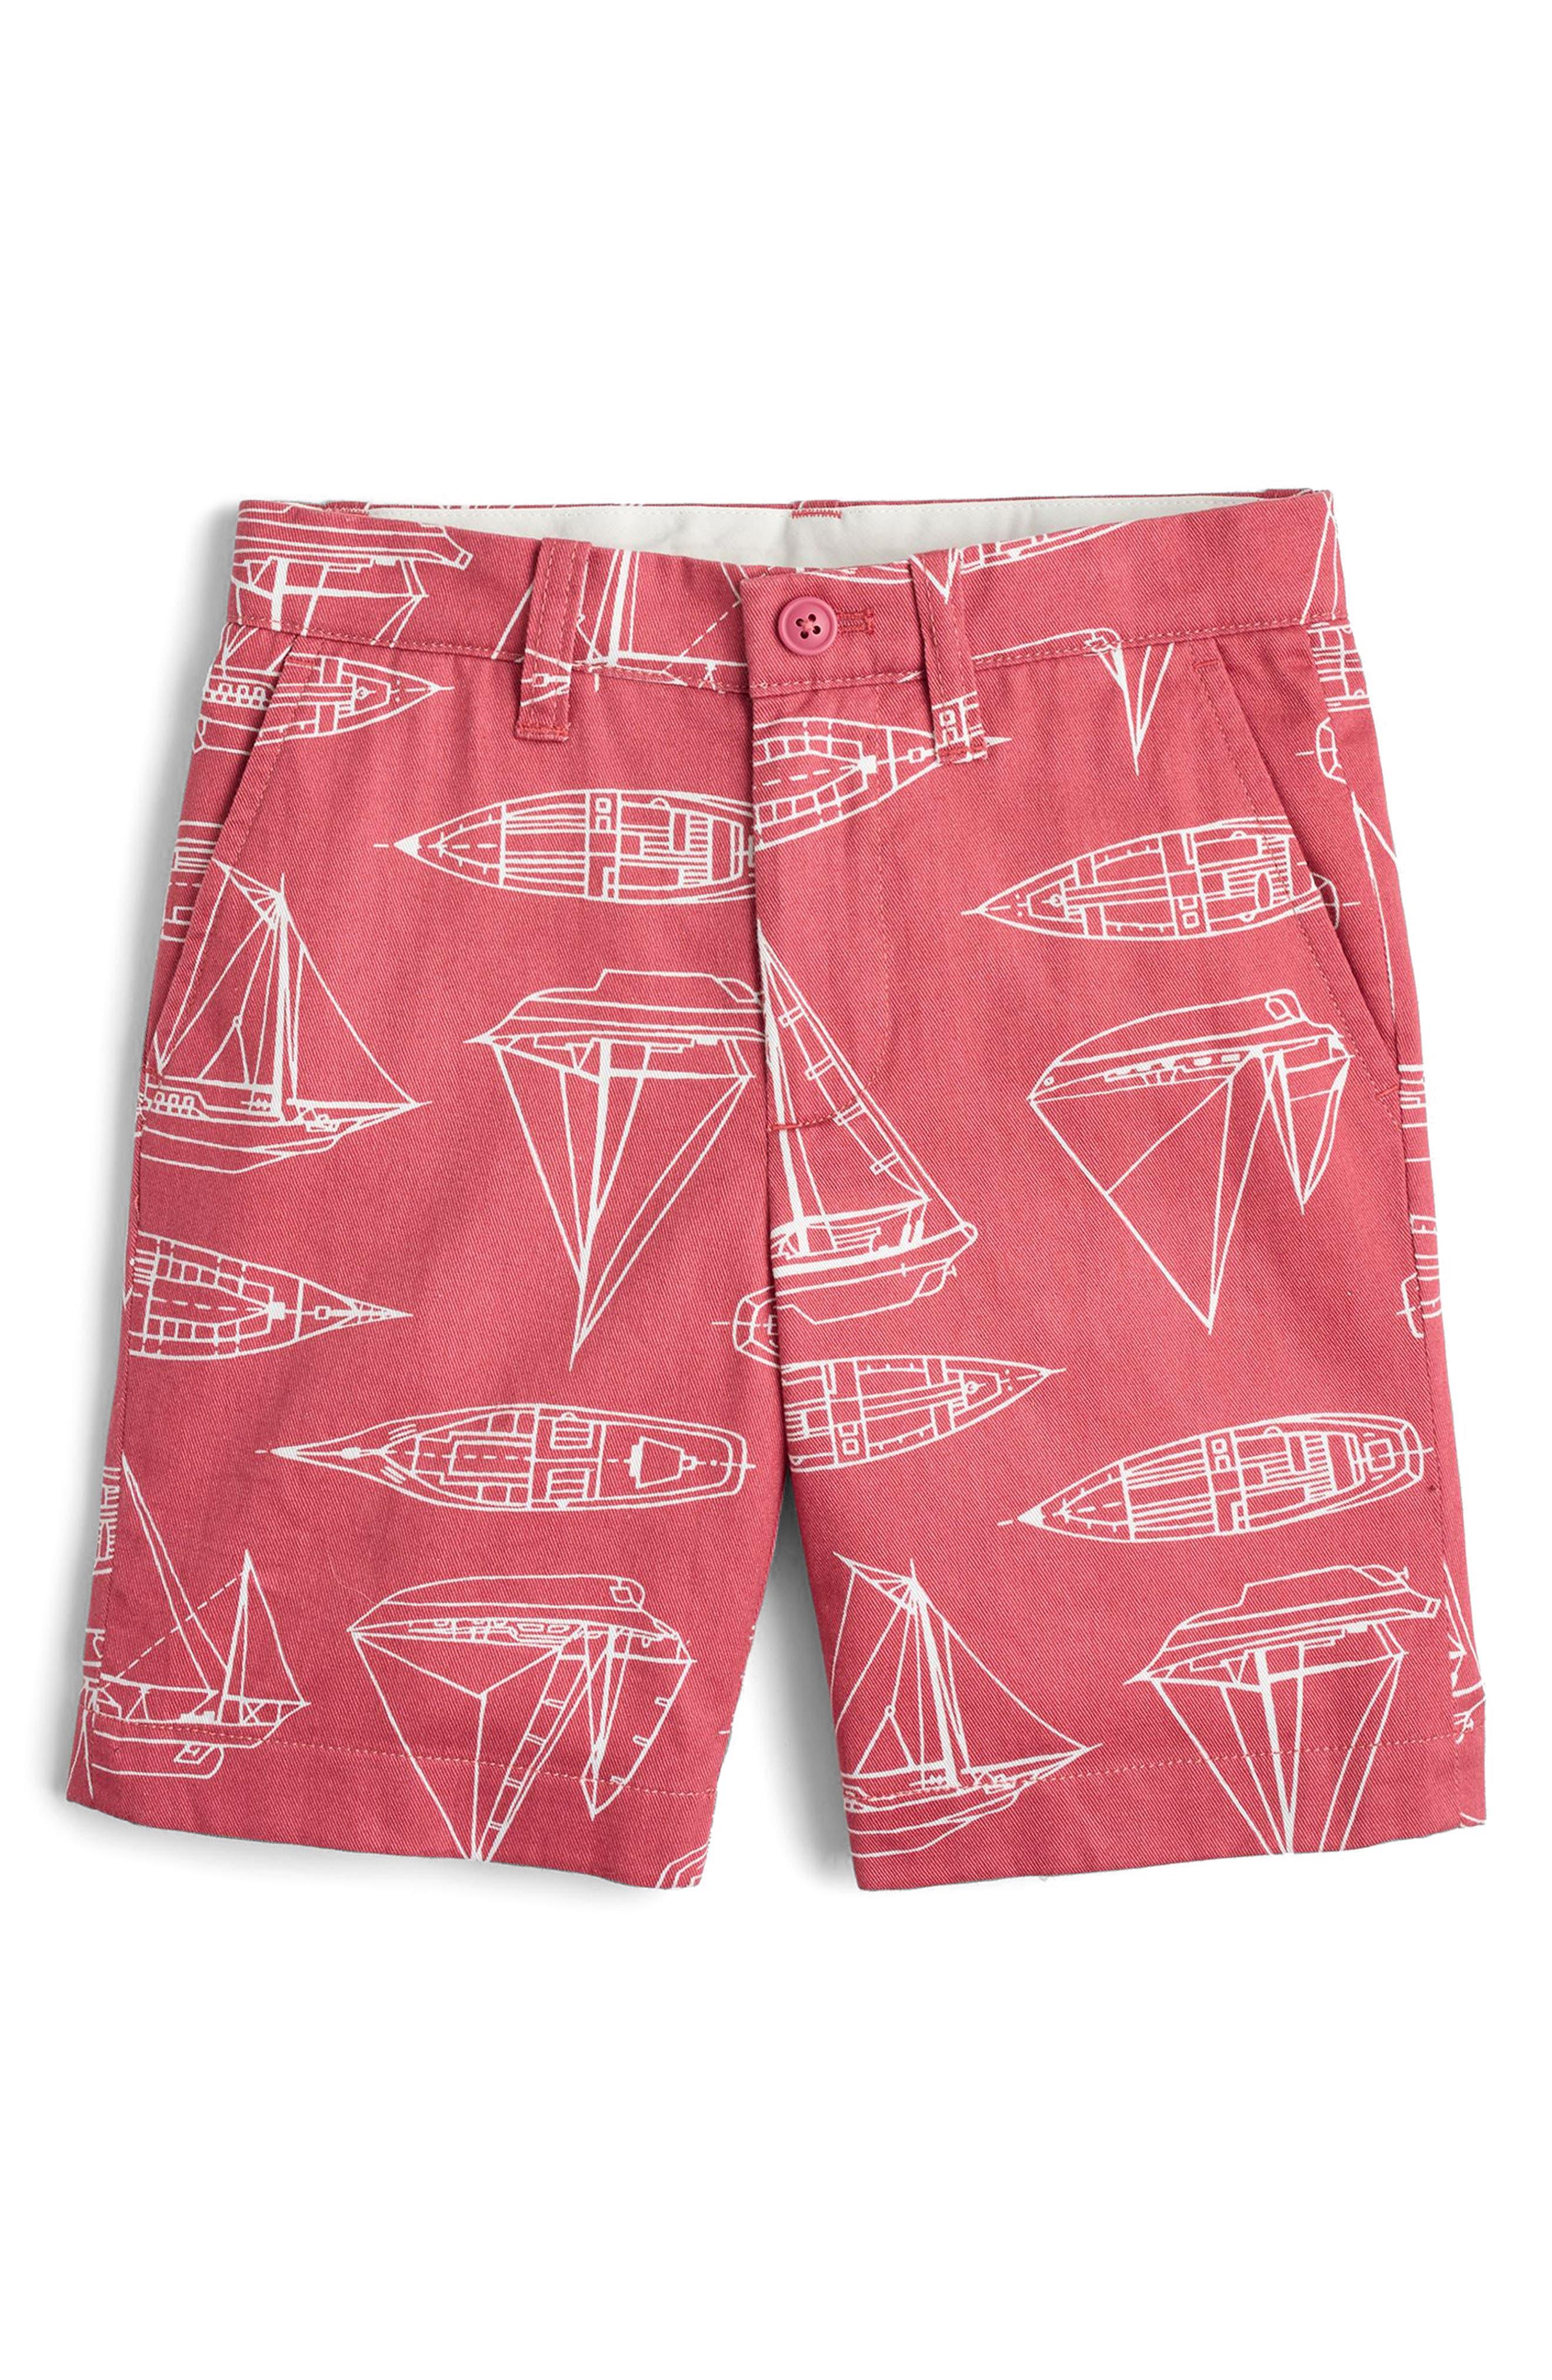 Stanton Boat Print Shorts,                             Main thumbnail 1, color,                             Red Boats